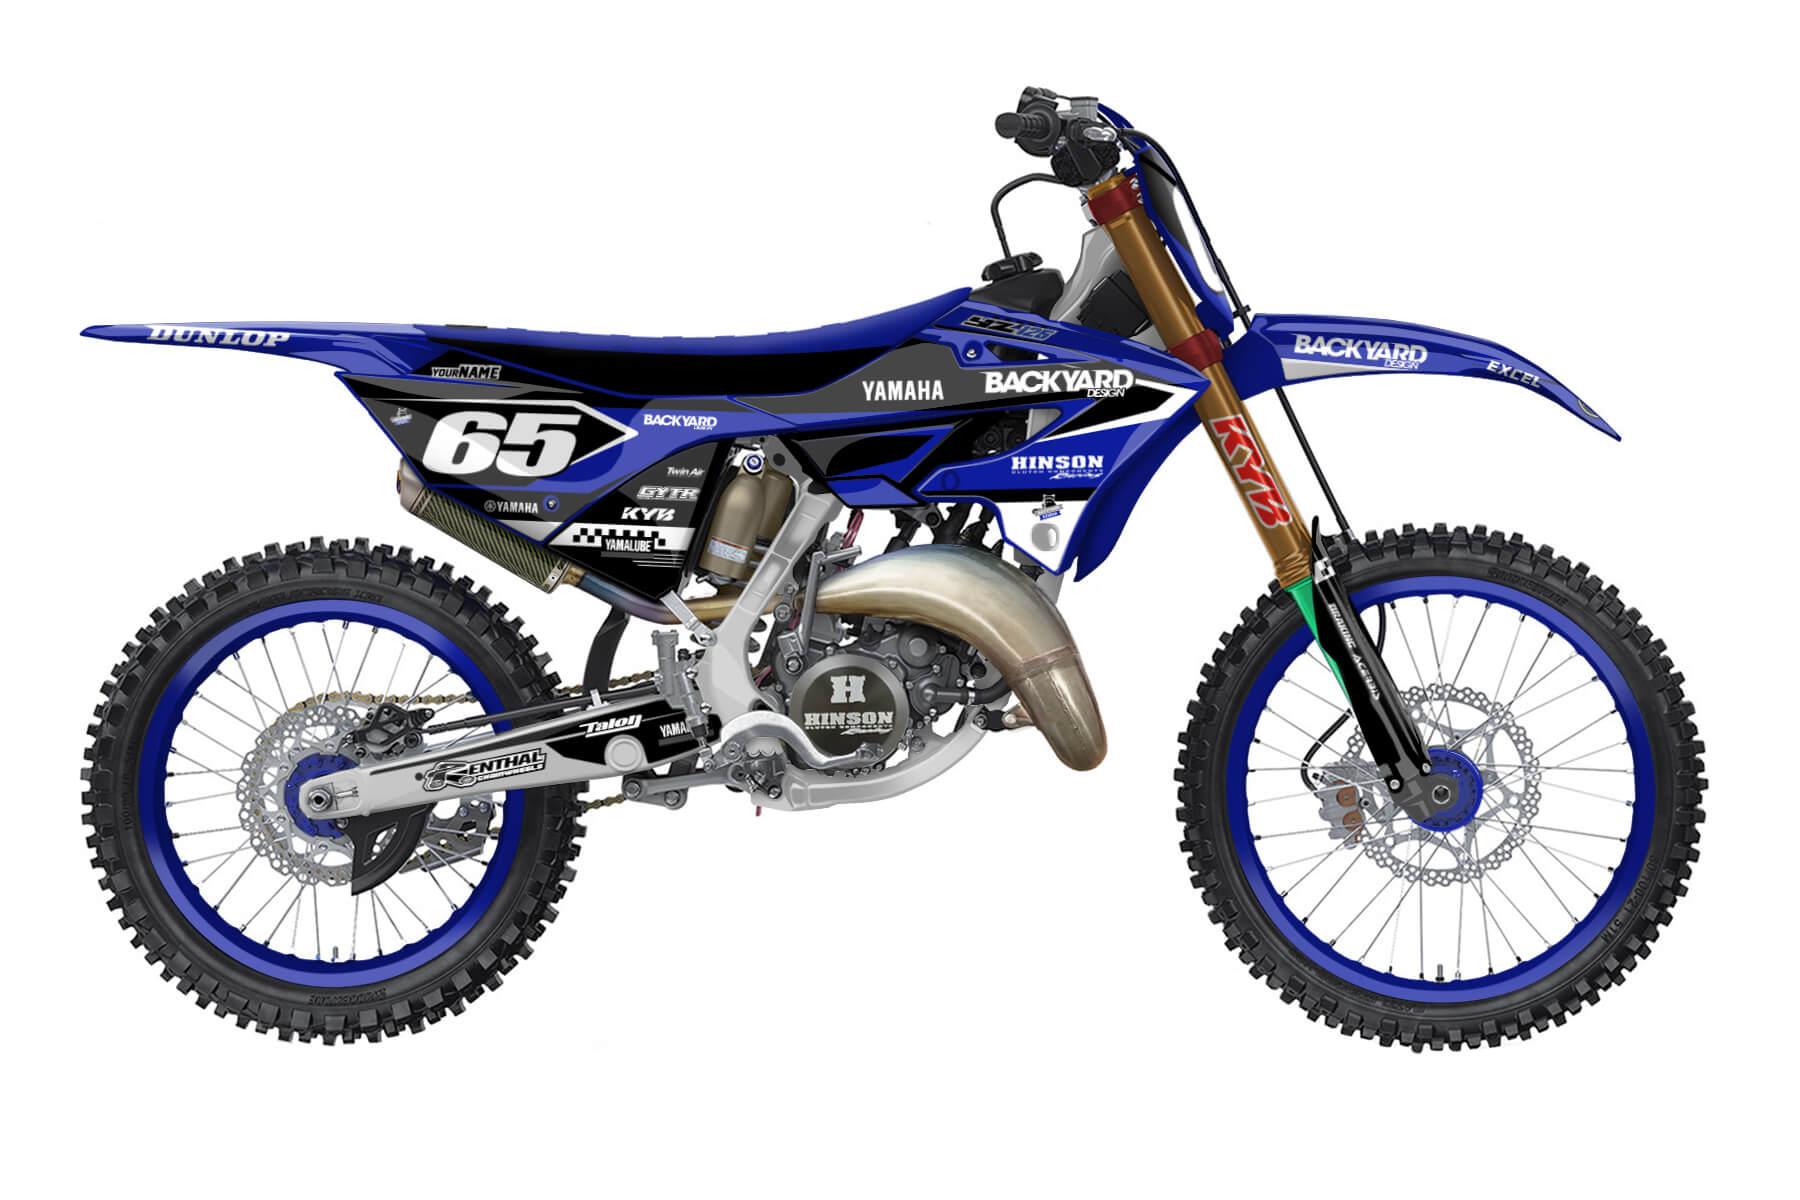 Yamaha YZ 250 - 2022 - Backyard Design - Mx Dekor - Staple Basic